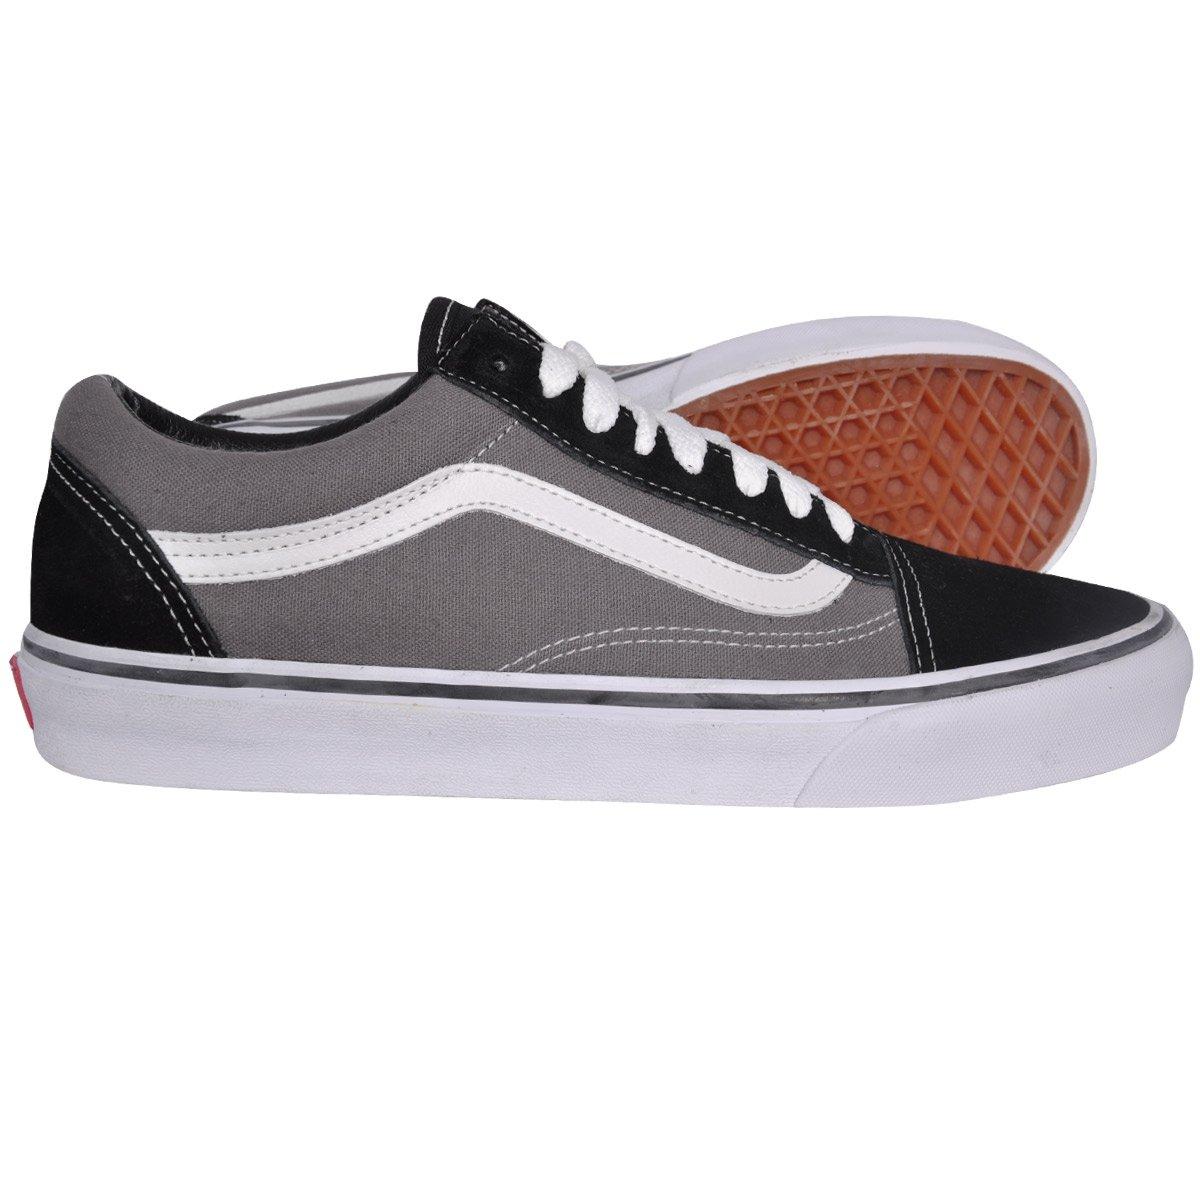 11293a0ef63 Tênis Vans Old Skool Black Pewter - 41 - Compre Agora